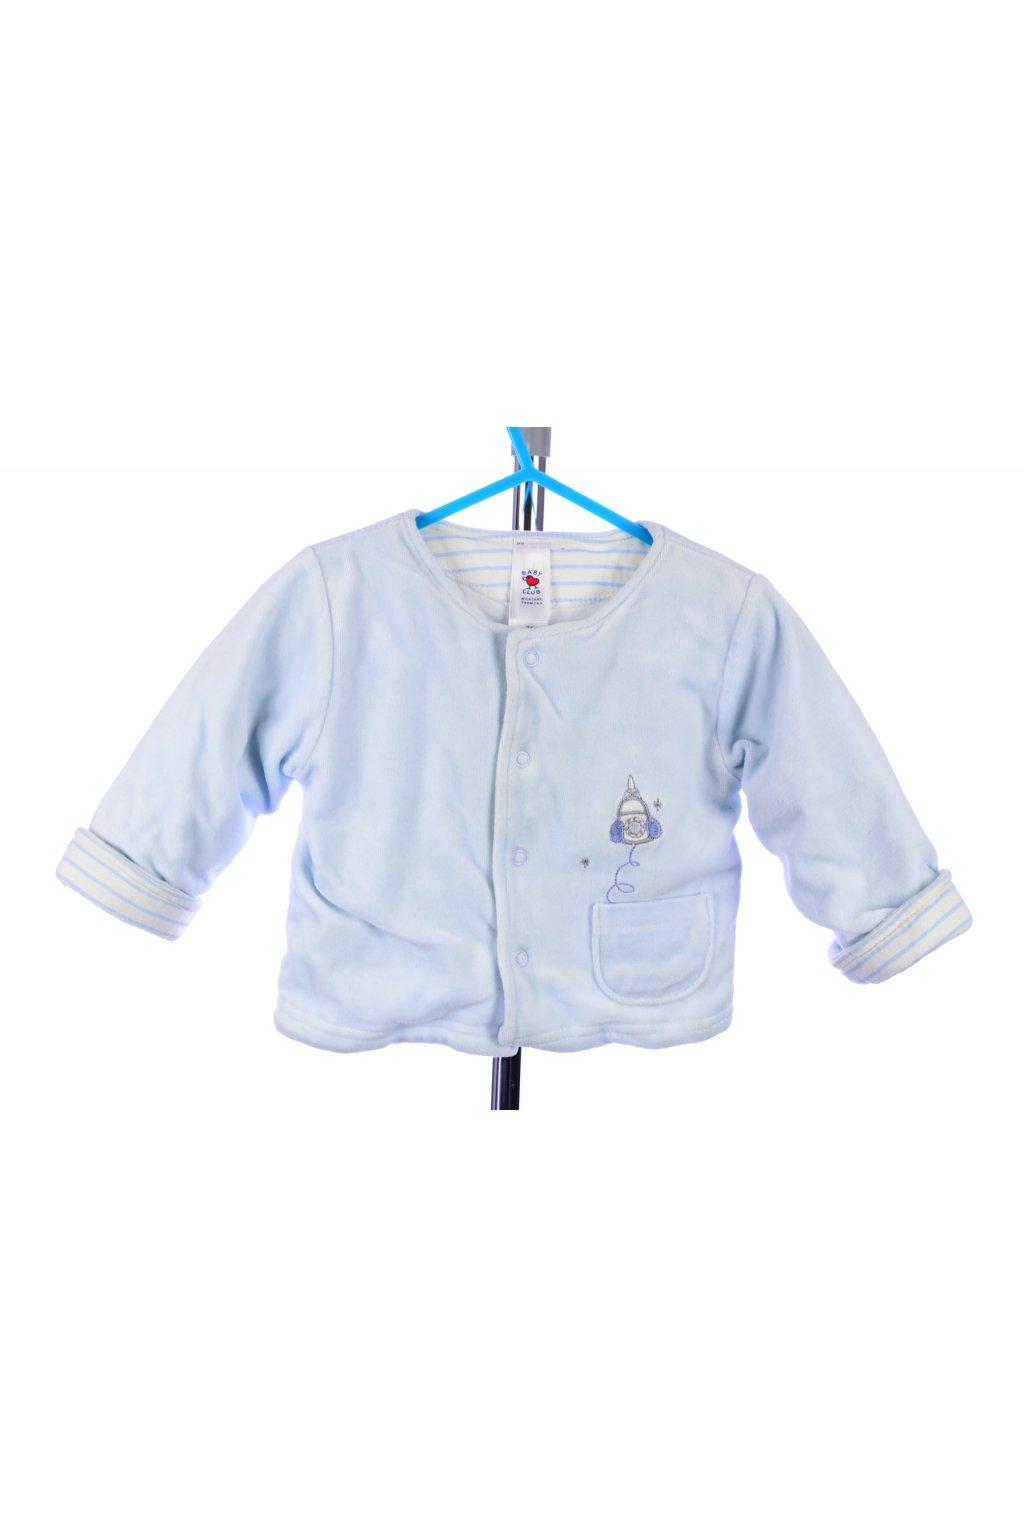 Mikina kabátek sametový C&A vel. 74